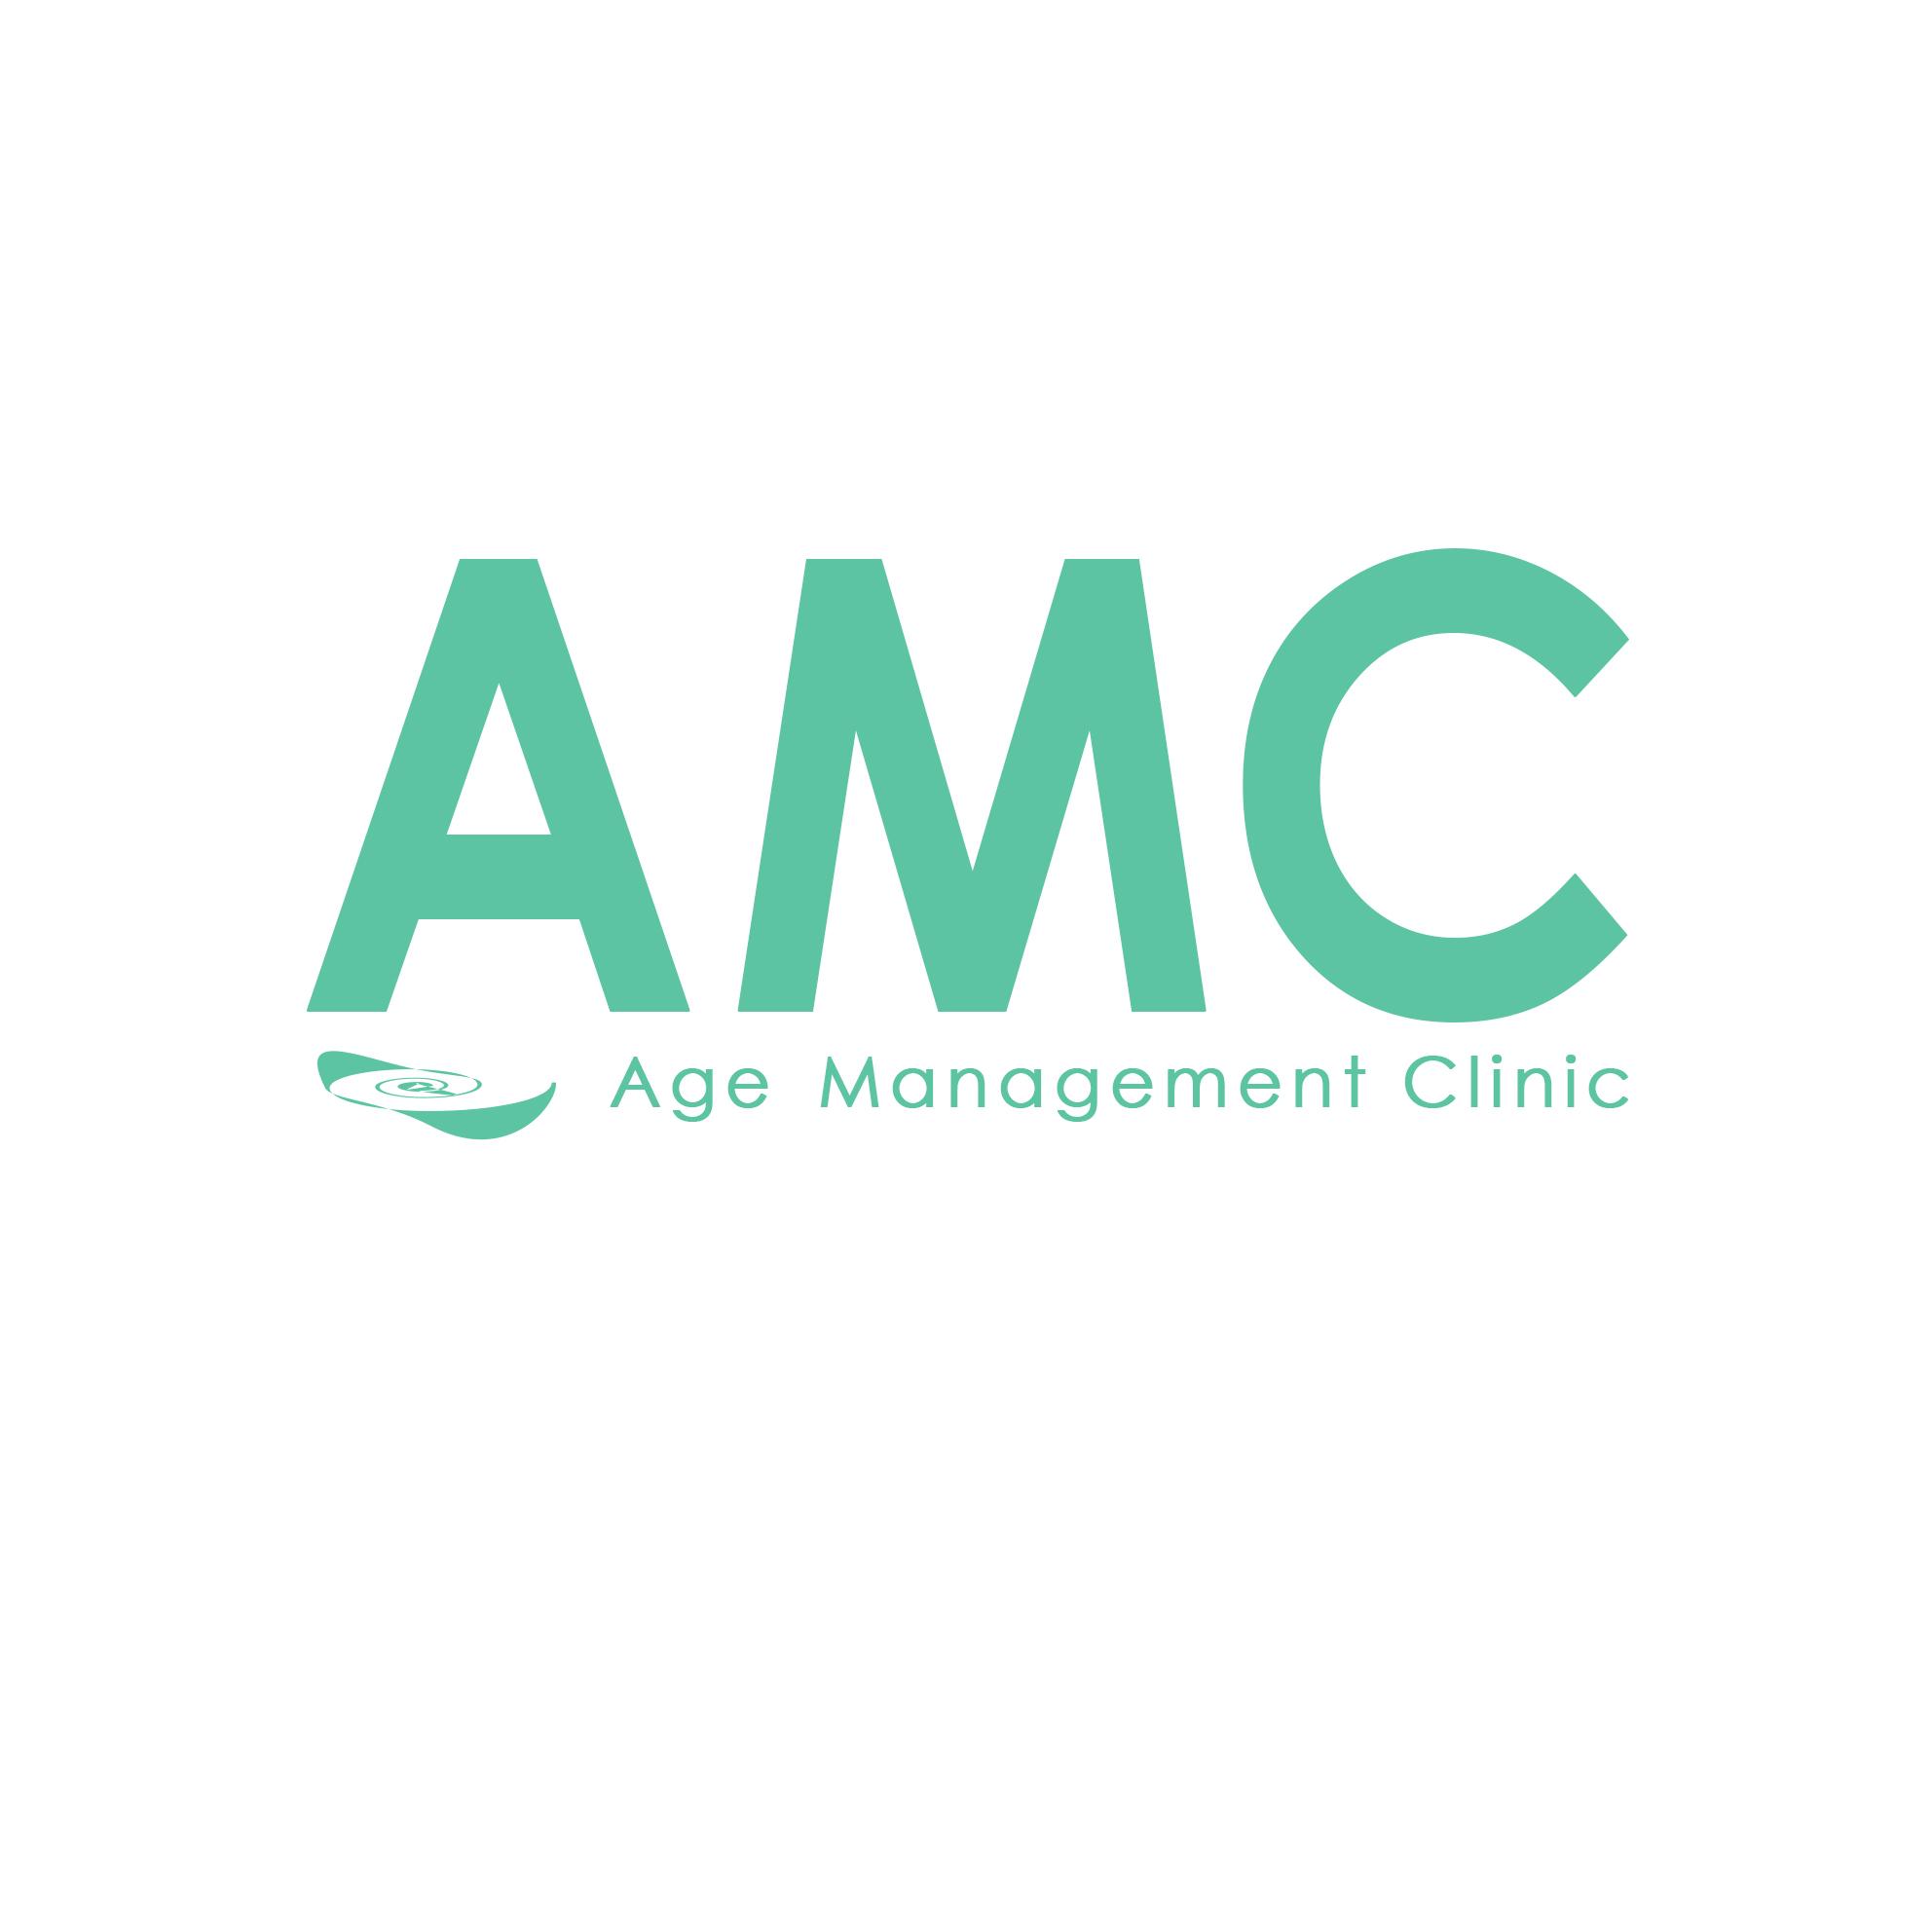 Логотип для медицинского центра (клиники)  фото f_1295b97d5e727a2a.jpg